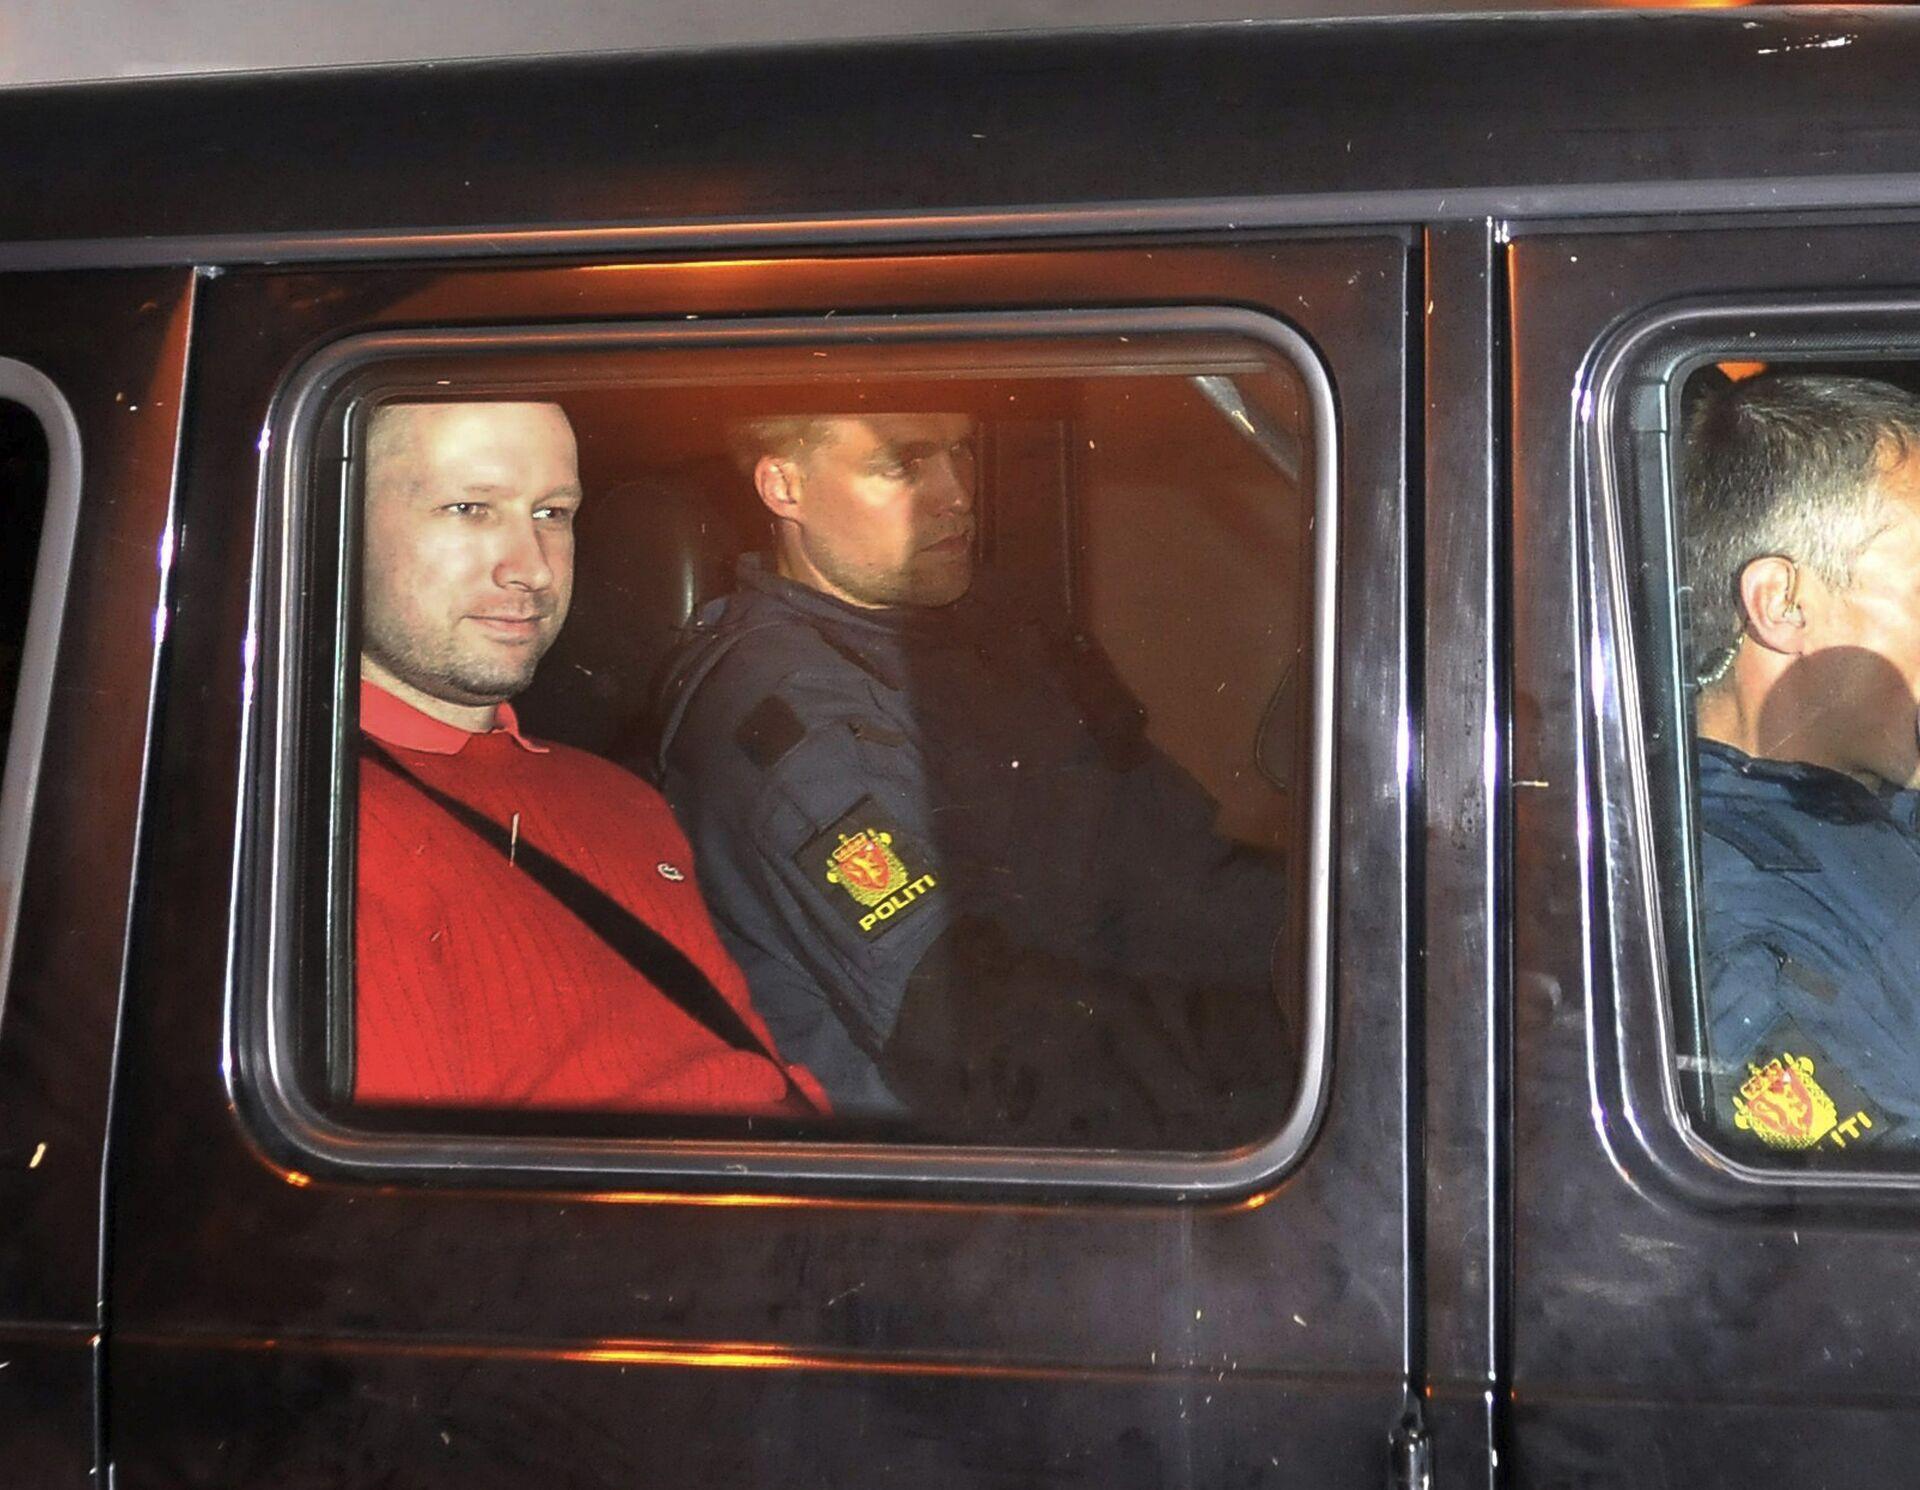 Подозреваемый в организации двойного теракта в Норвегии Андерс Брейвик покидает здание суда в Осло. 25 июля 2011 - РИА Новости, 1920, 18.09.2020